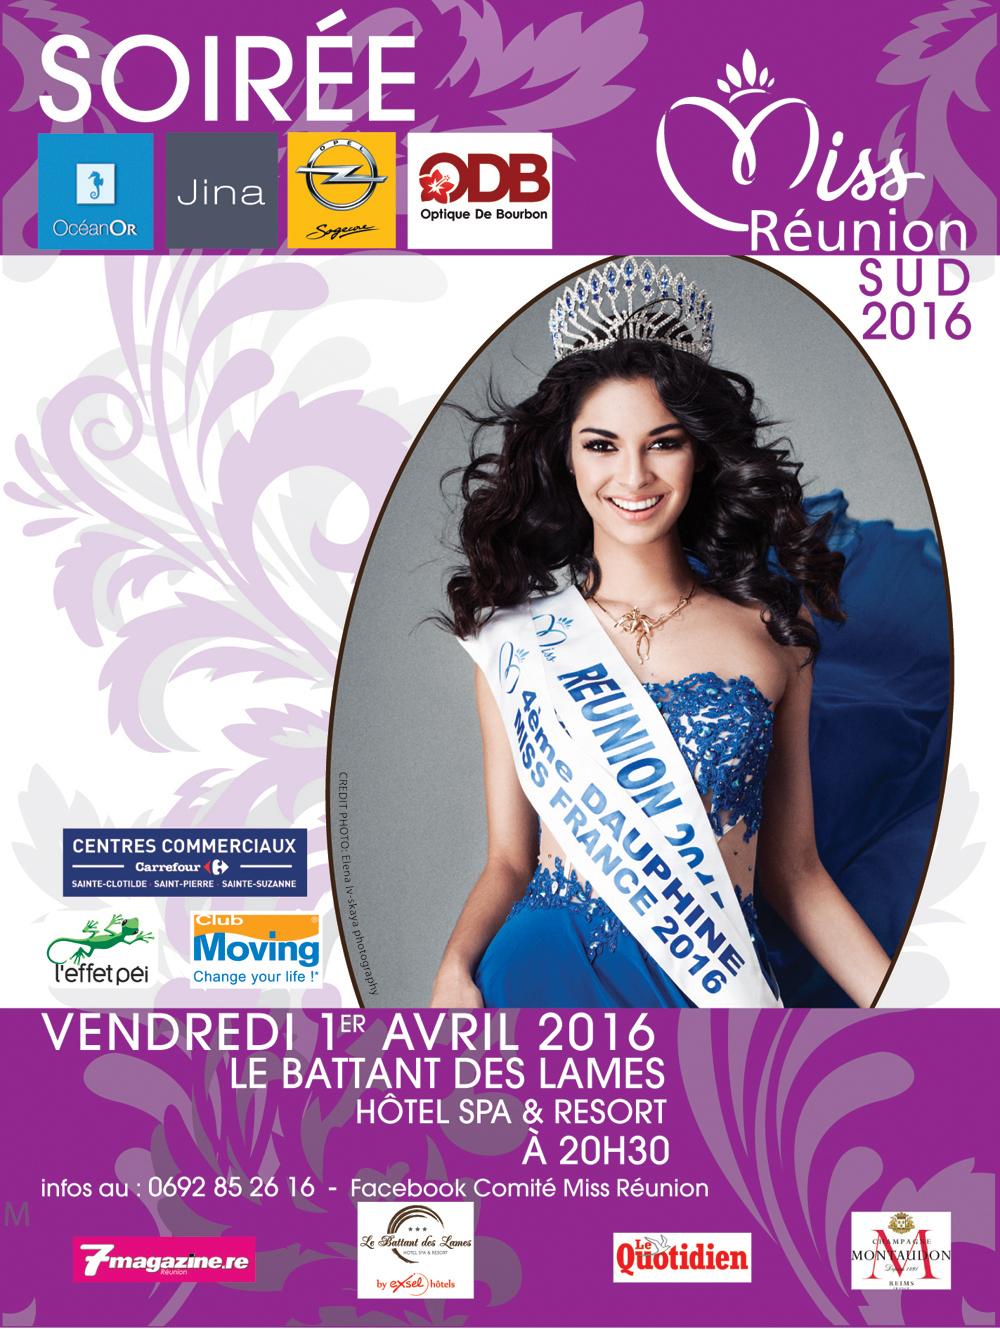 Miss Réunion Sud<br> Les 10 candidates